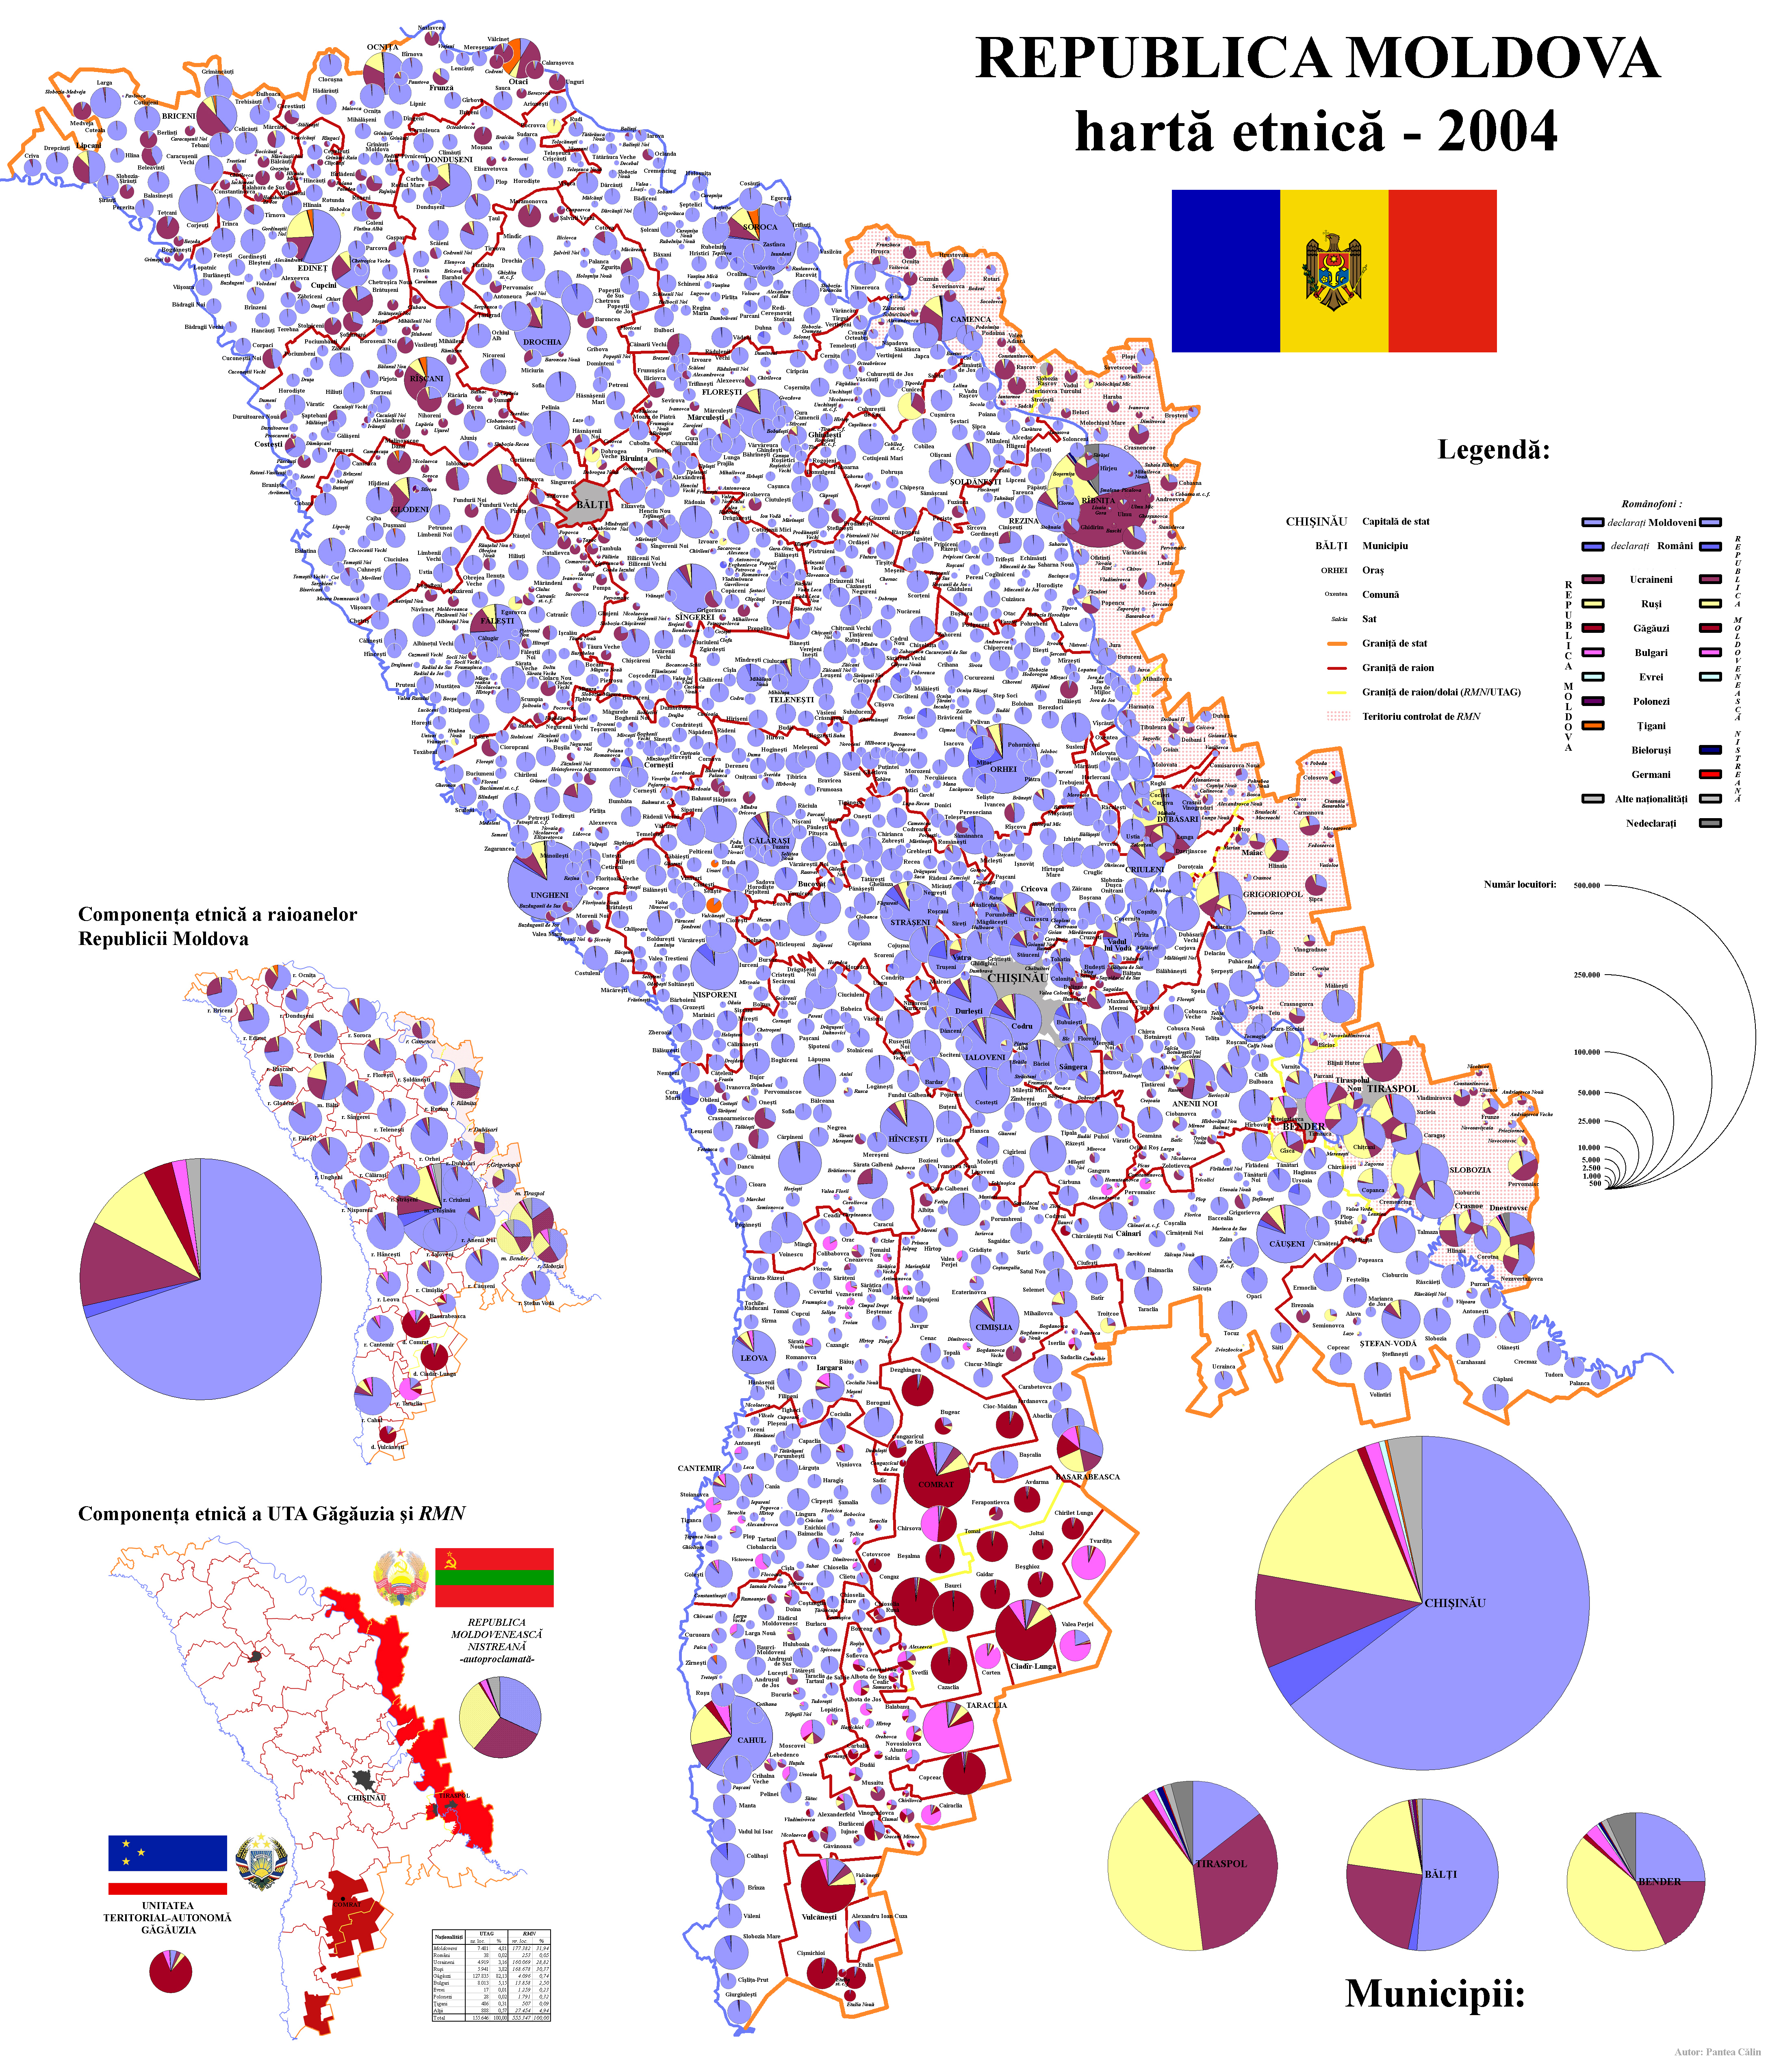 morbiditatea in republica moldova)